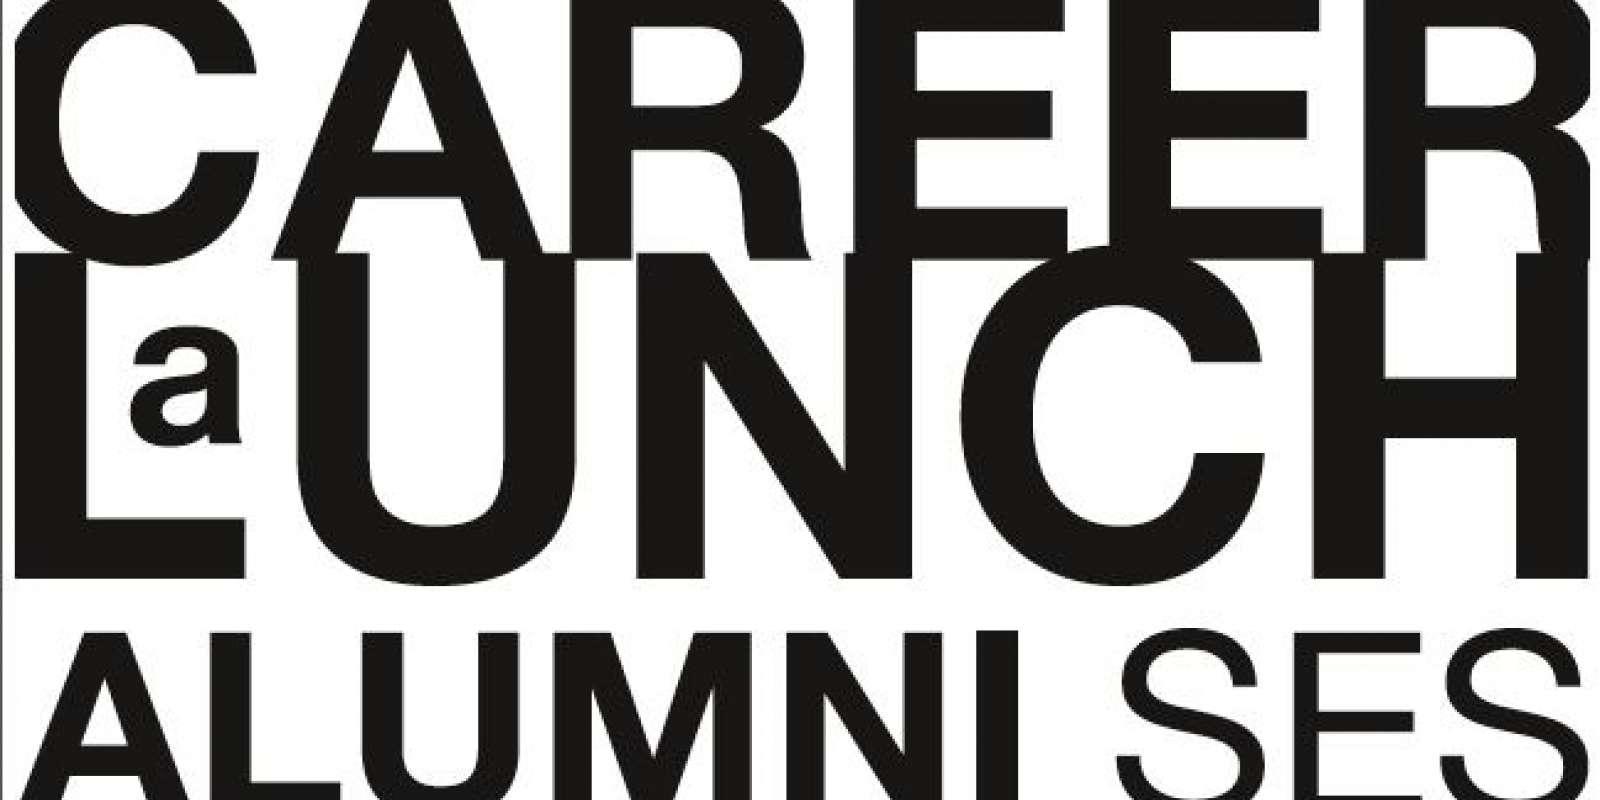 Actualités - Université de Fribourg - Career L(a)unch 2018